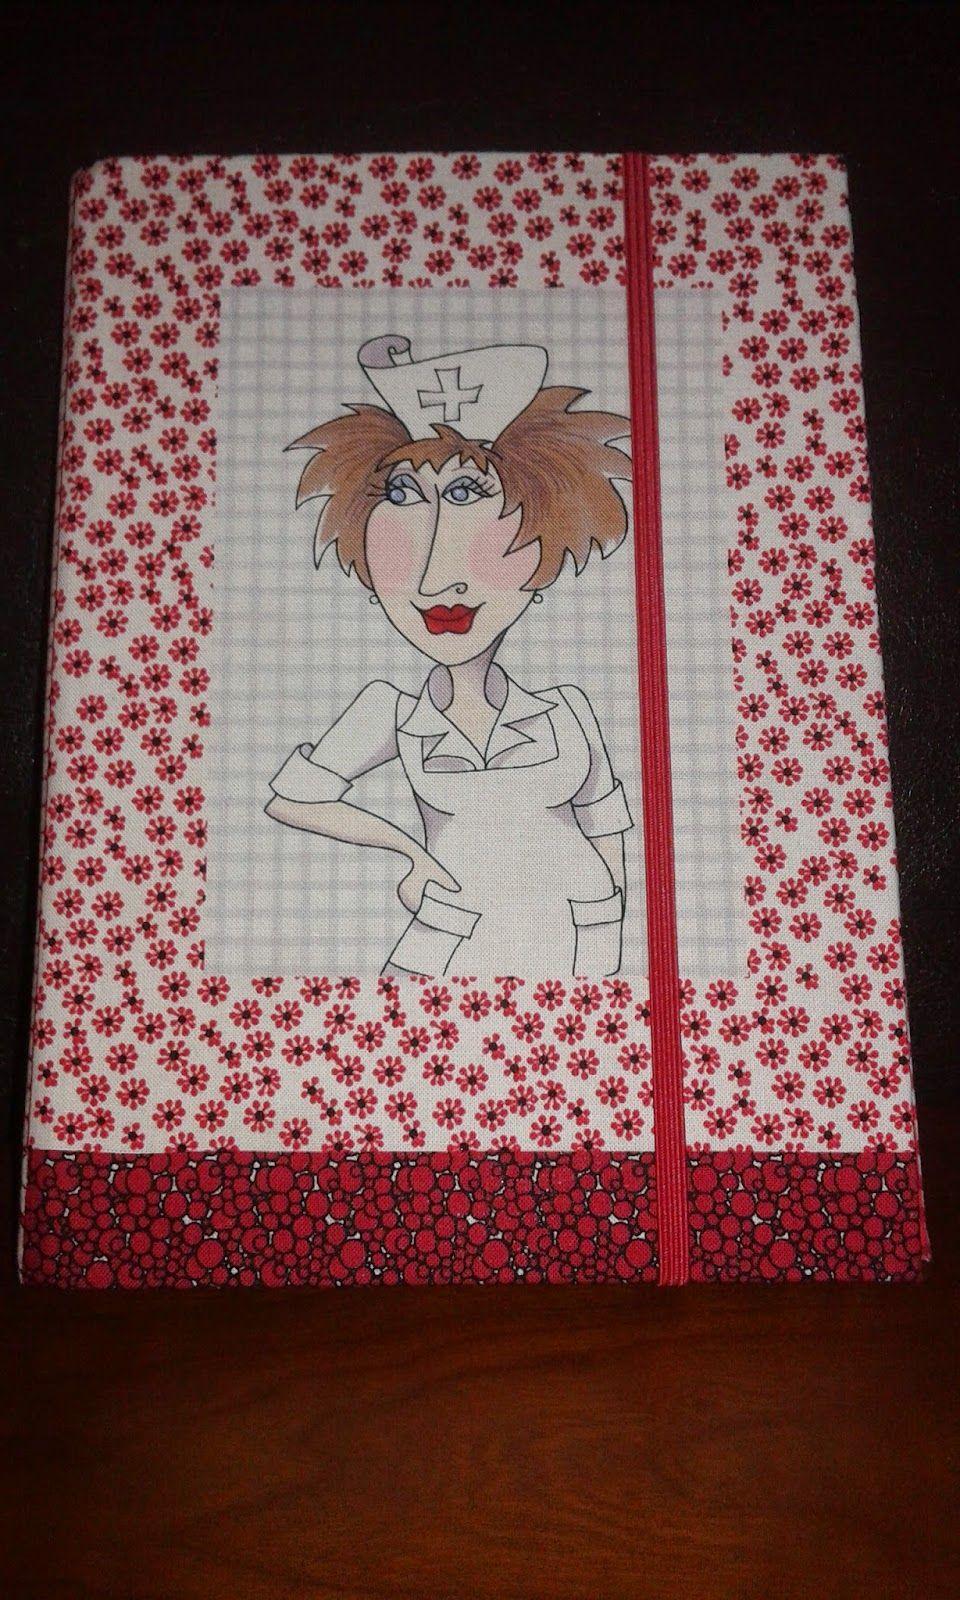 Arte Vicentina: Capinha para agenda, caderno ou bloco de notas A5....